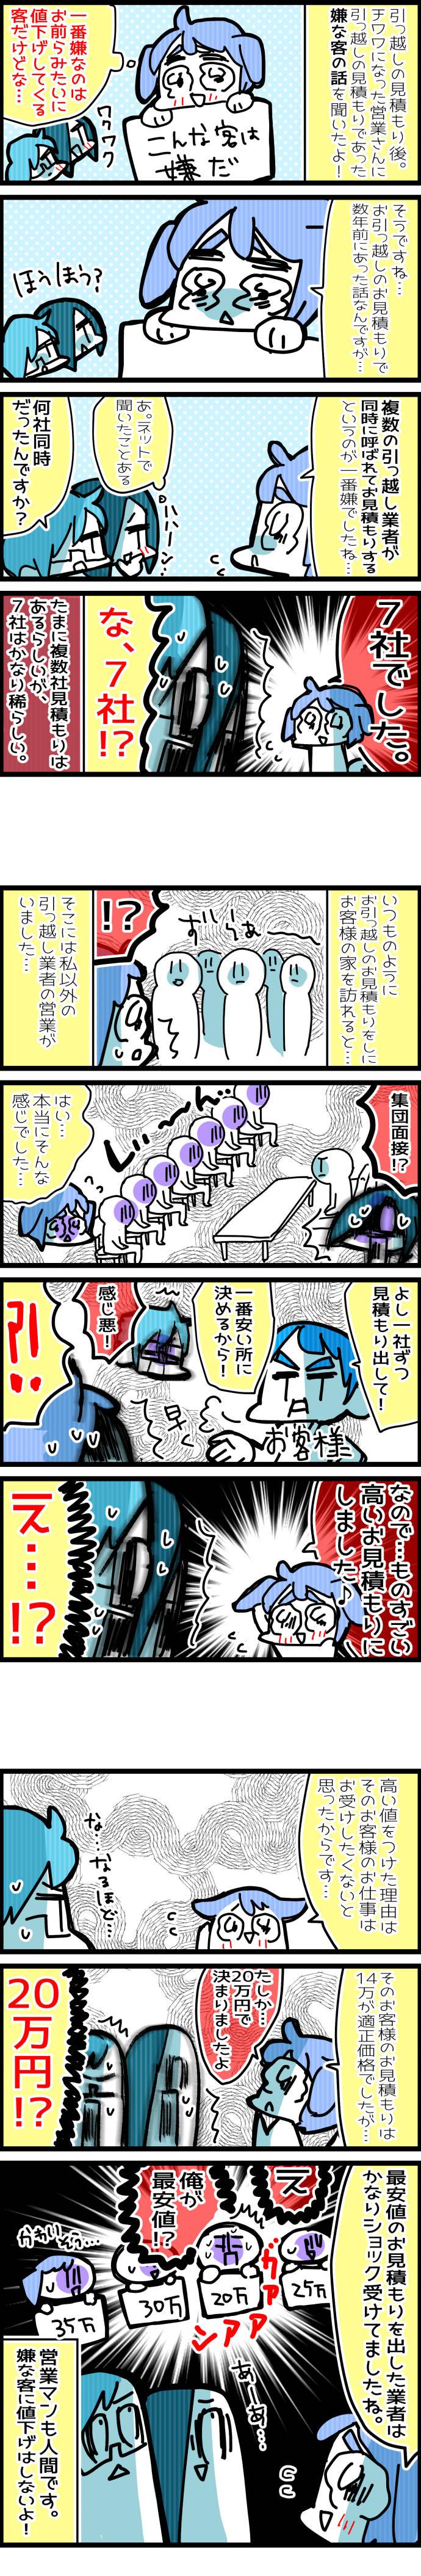 neetsadami.com_18話